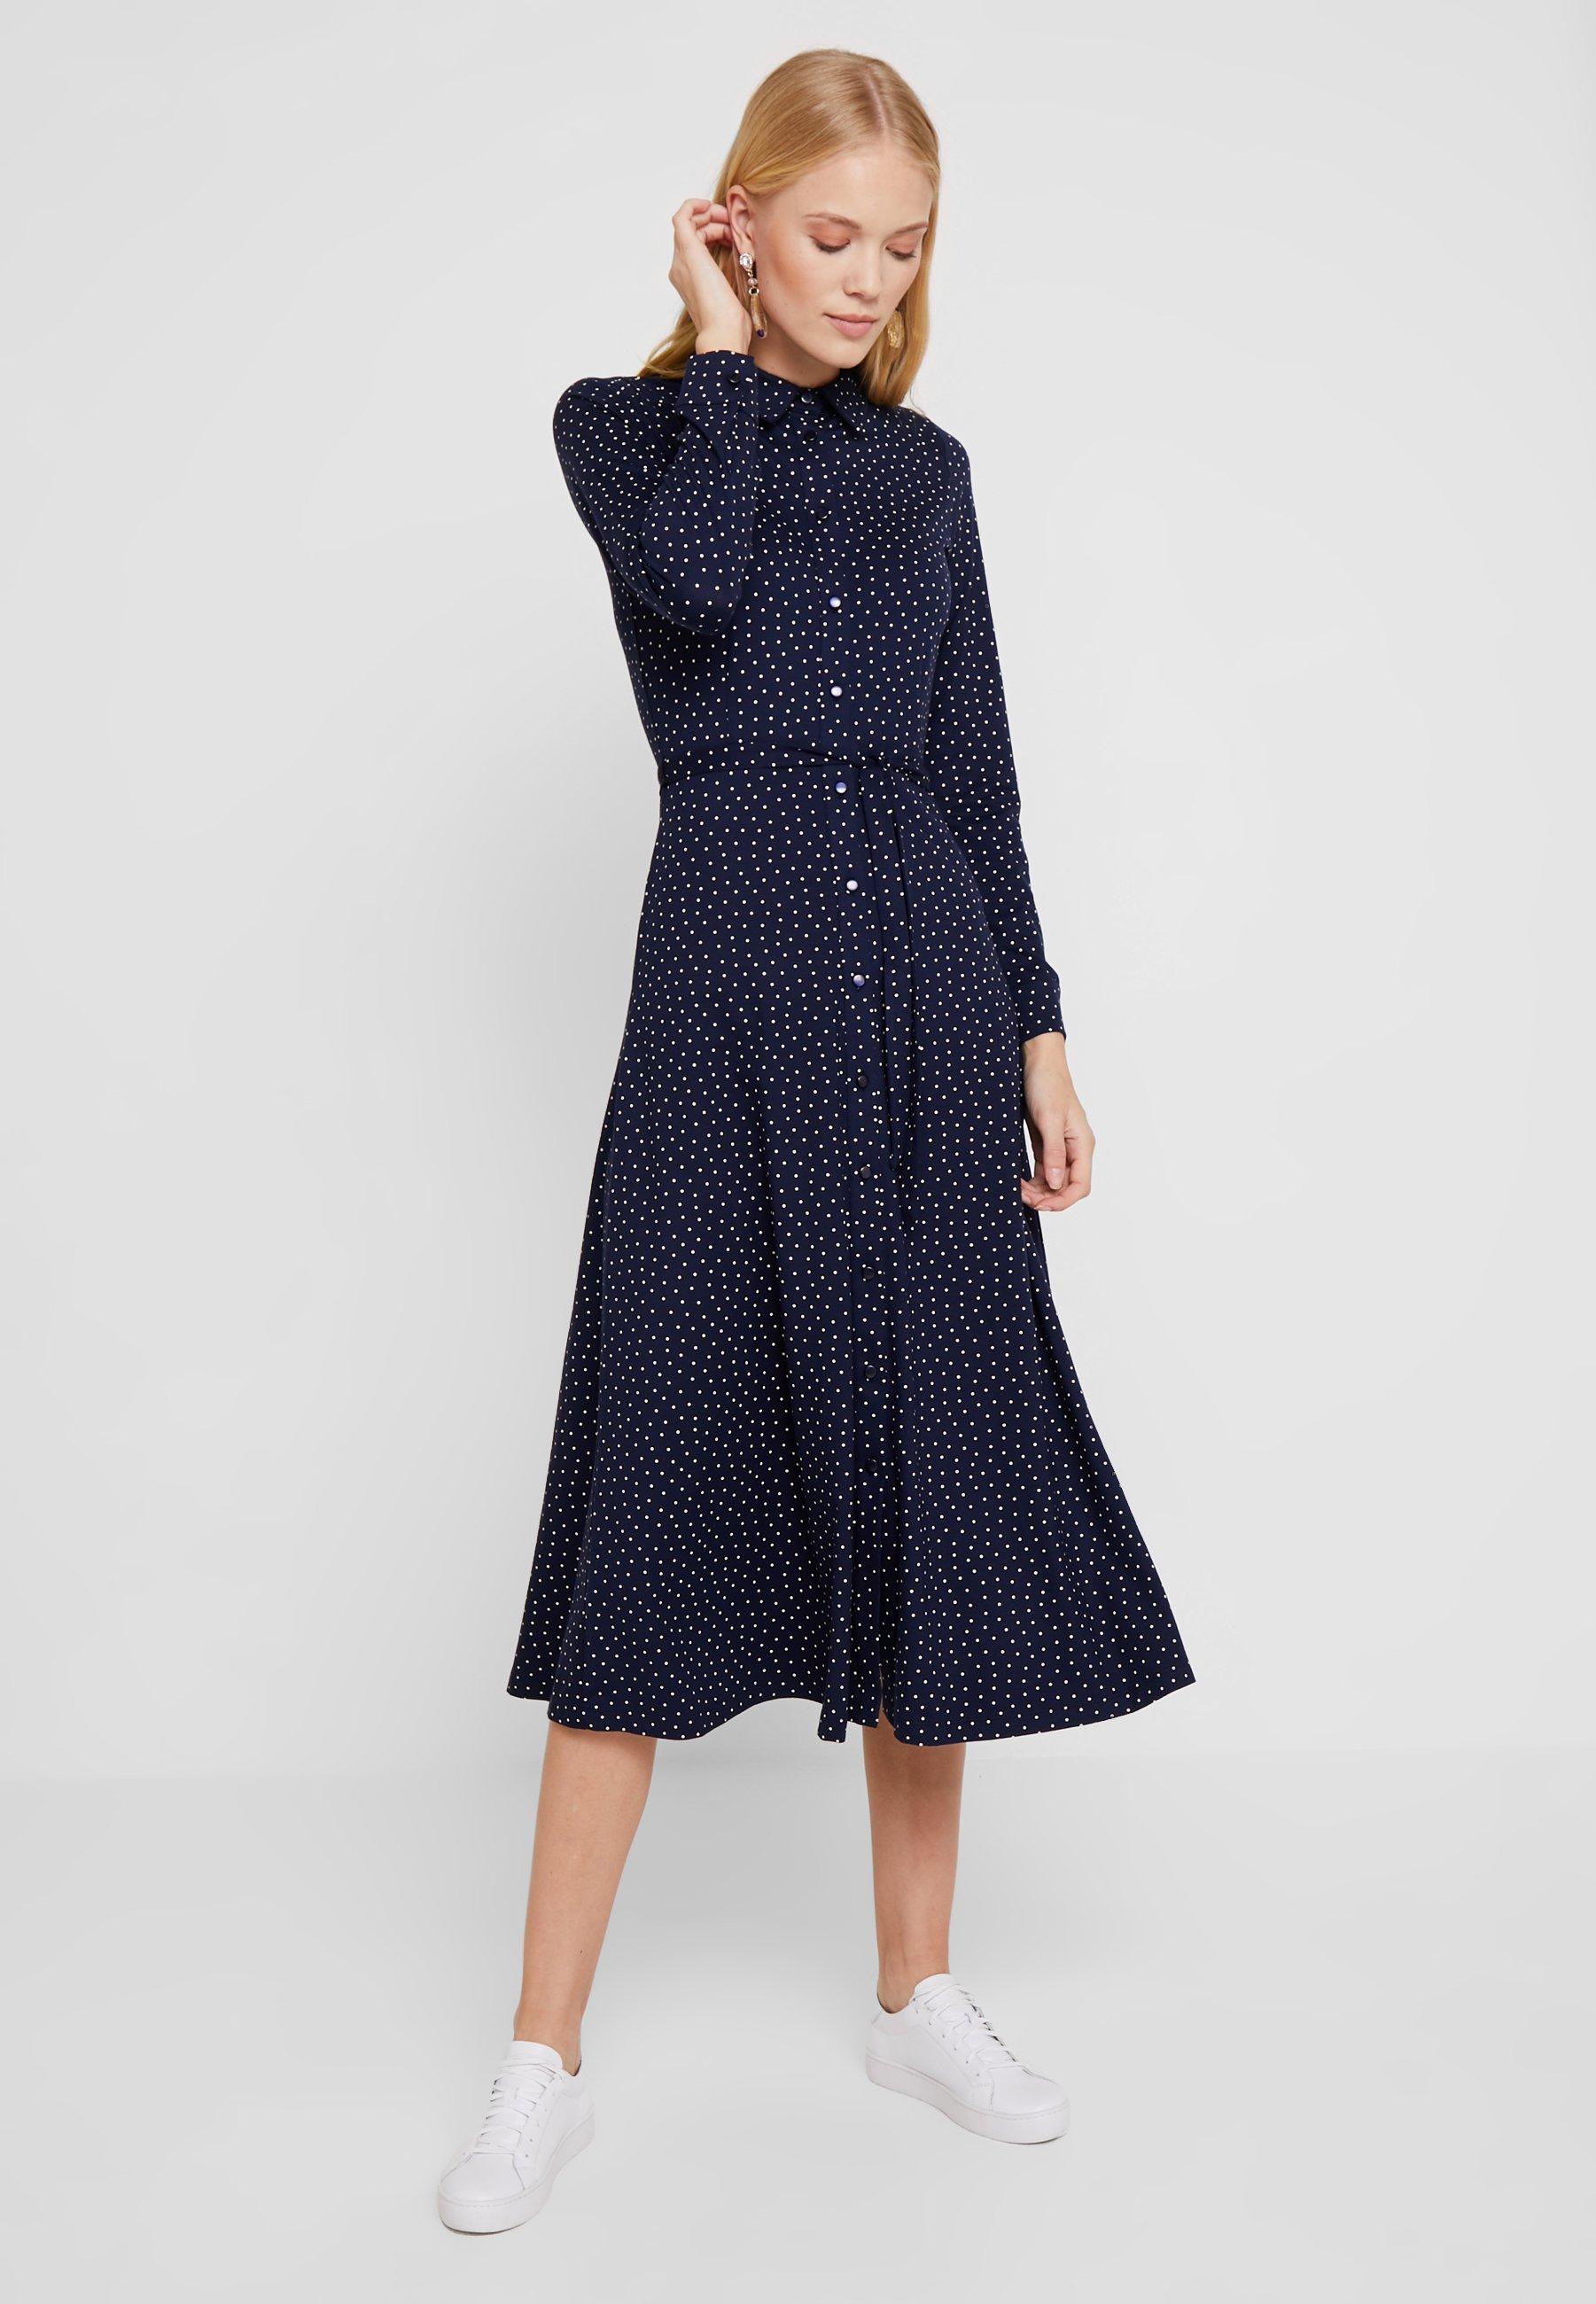 Blue DotsRobe King Dress Louie Nuit Jersey Little En Midi UjzMpGqVLS